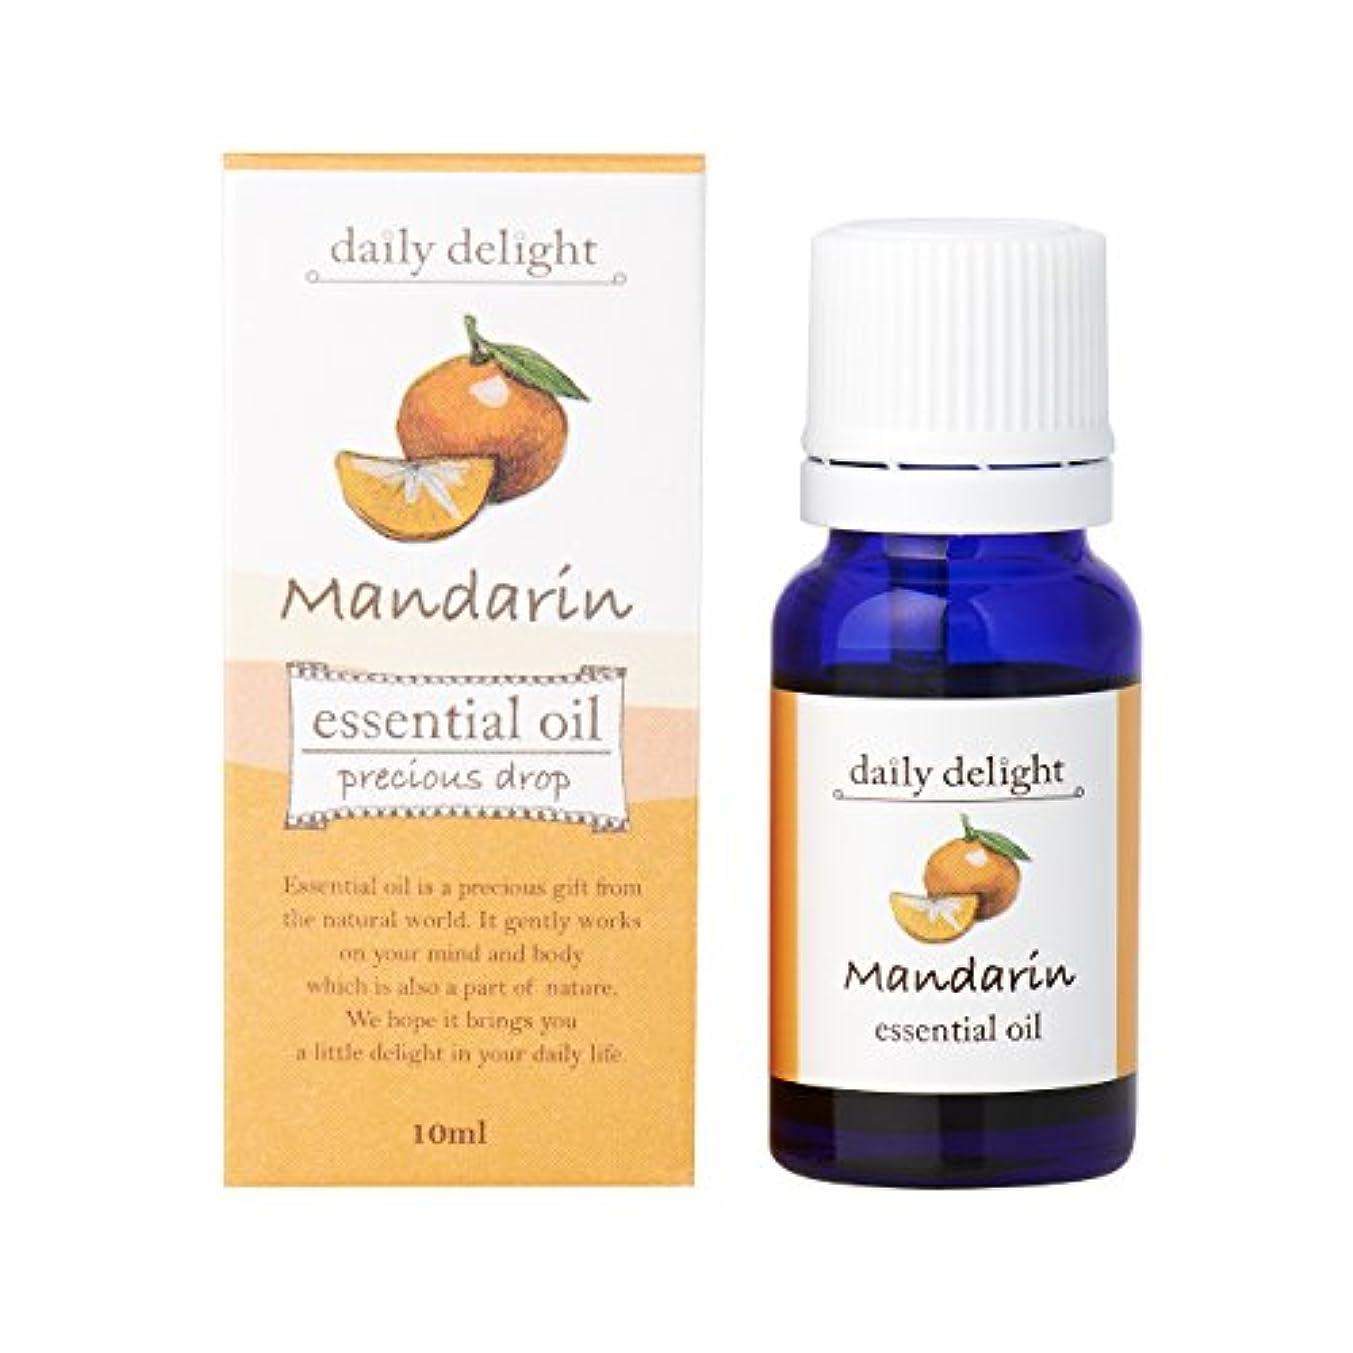 尊敬する事業内容純正デイリーディライト エッセンシャルオイル  マンダリン 10ml(天然100% 精油 アロマ 柑橘系 オレンジに似ているがより穏やかで落ち着いた印象の香り)